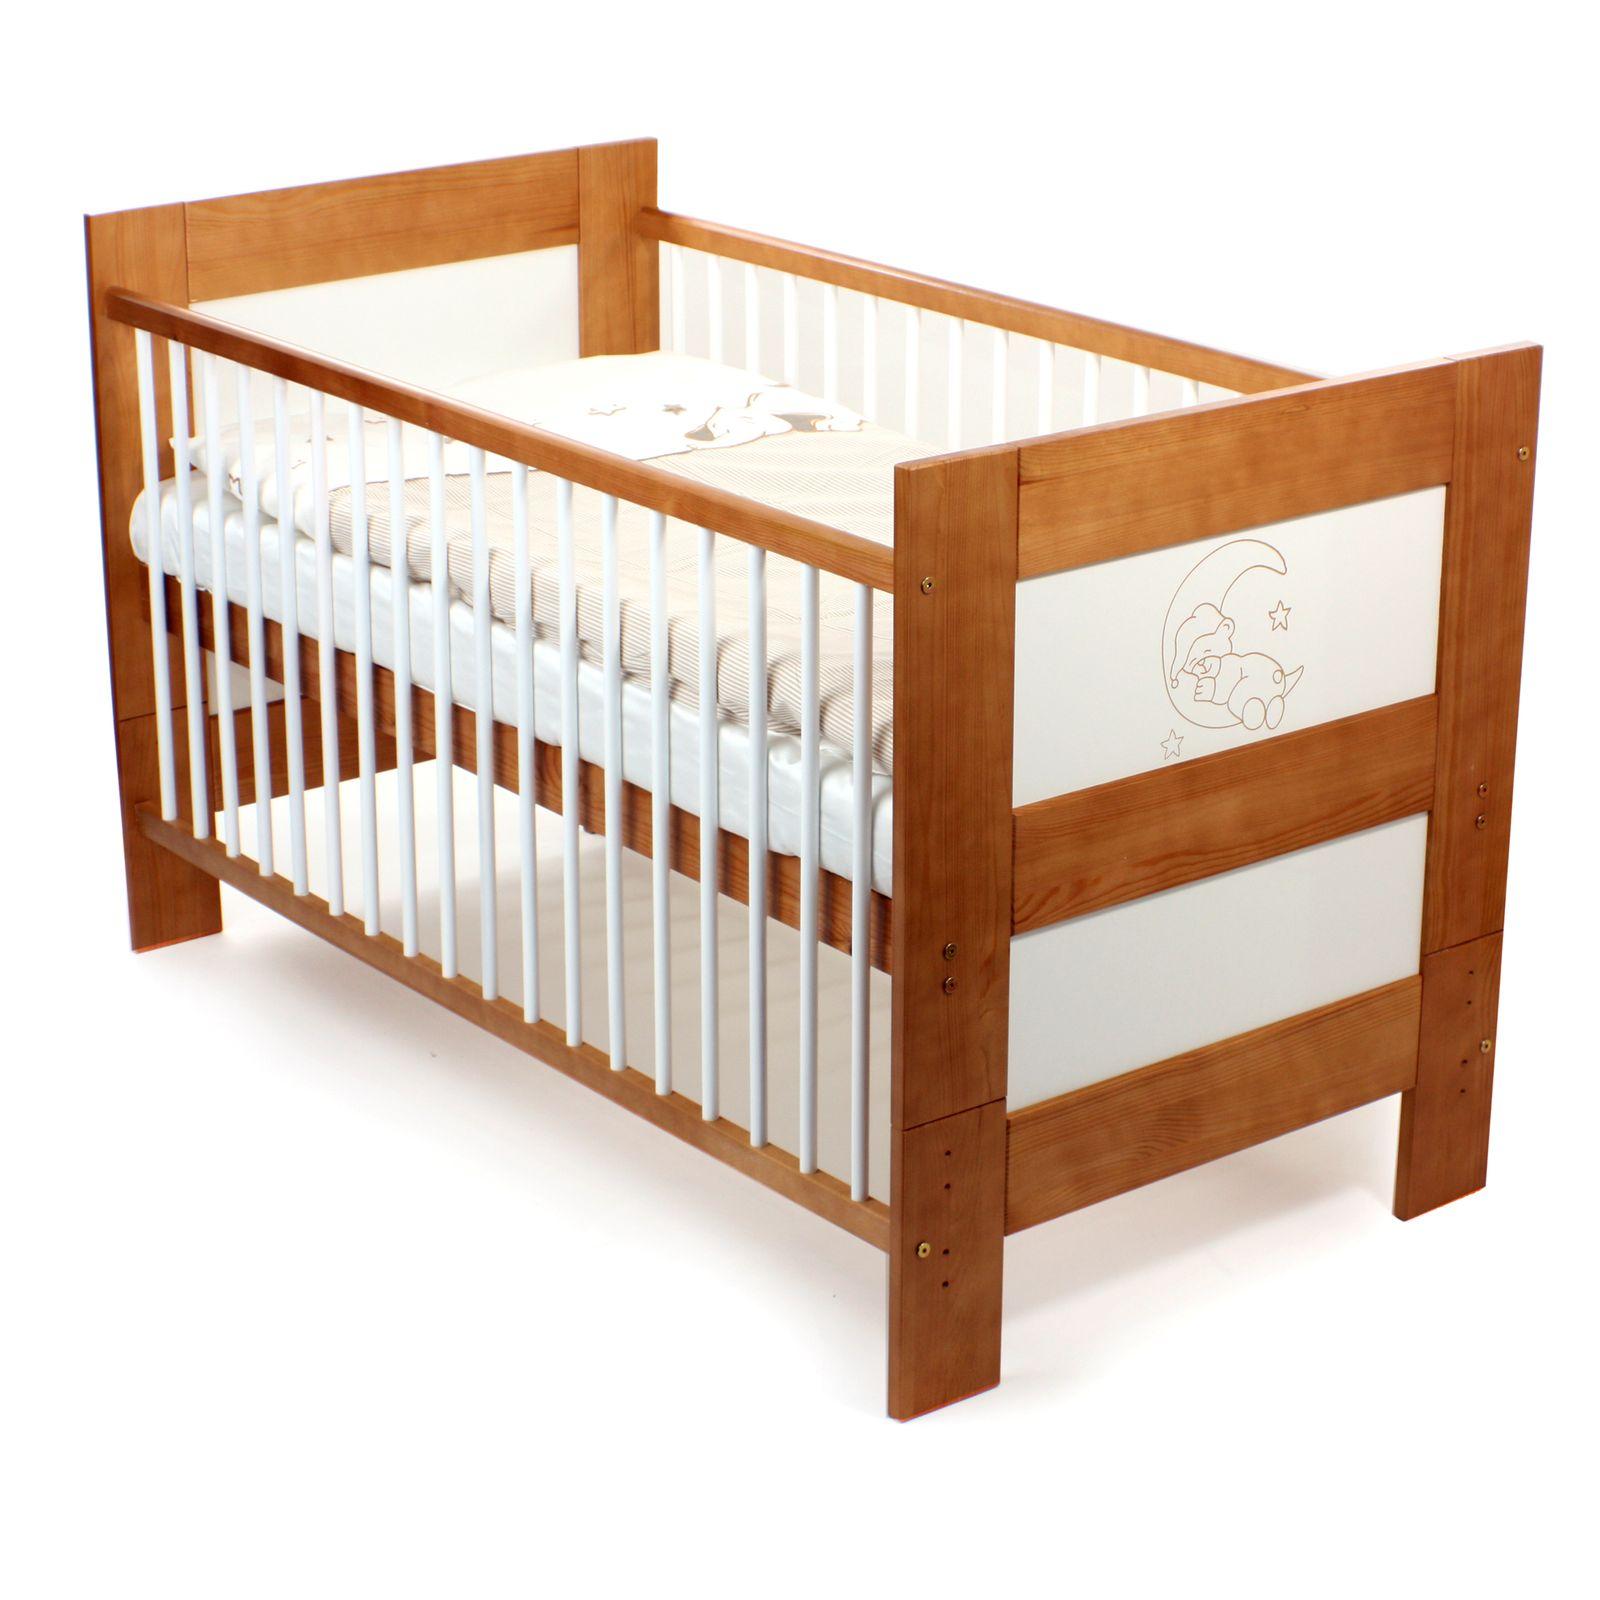 Baby Vivo Kinderbett / Juniorbett 140 x 70 cm - Teddy | MA Trading - Ihr  Spezialist für Direktimport